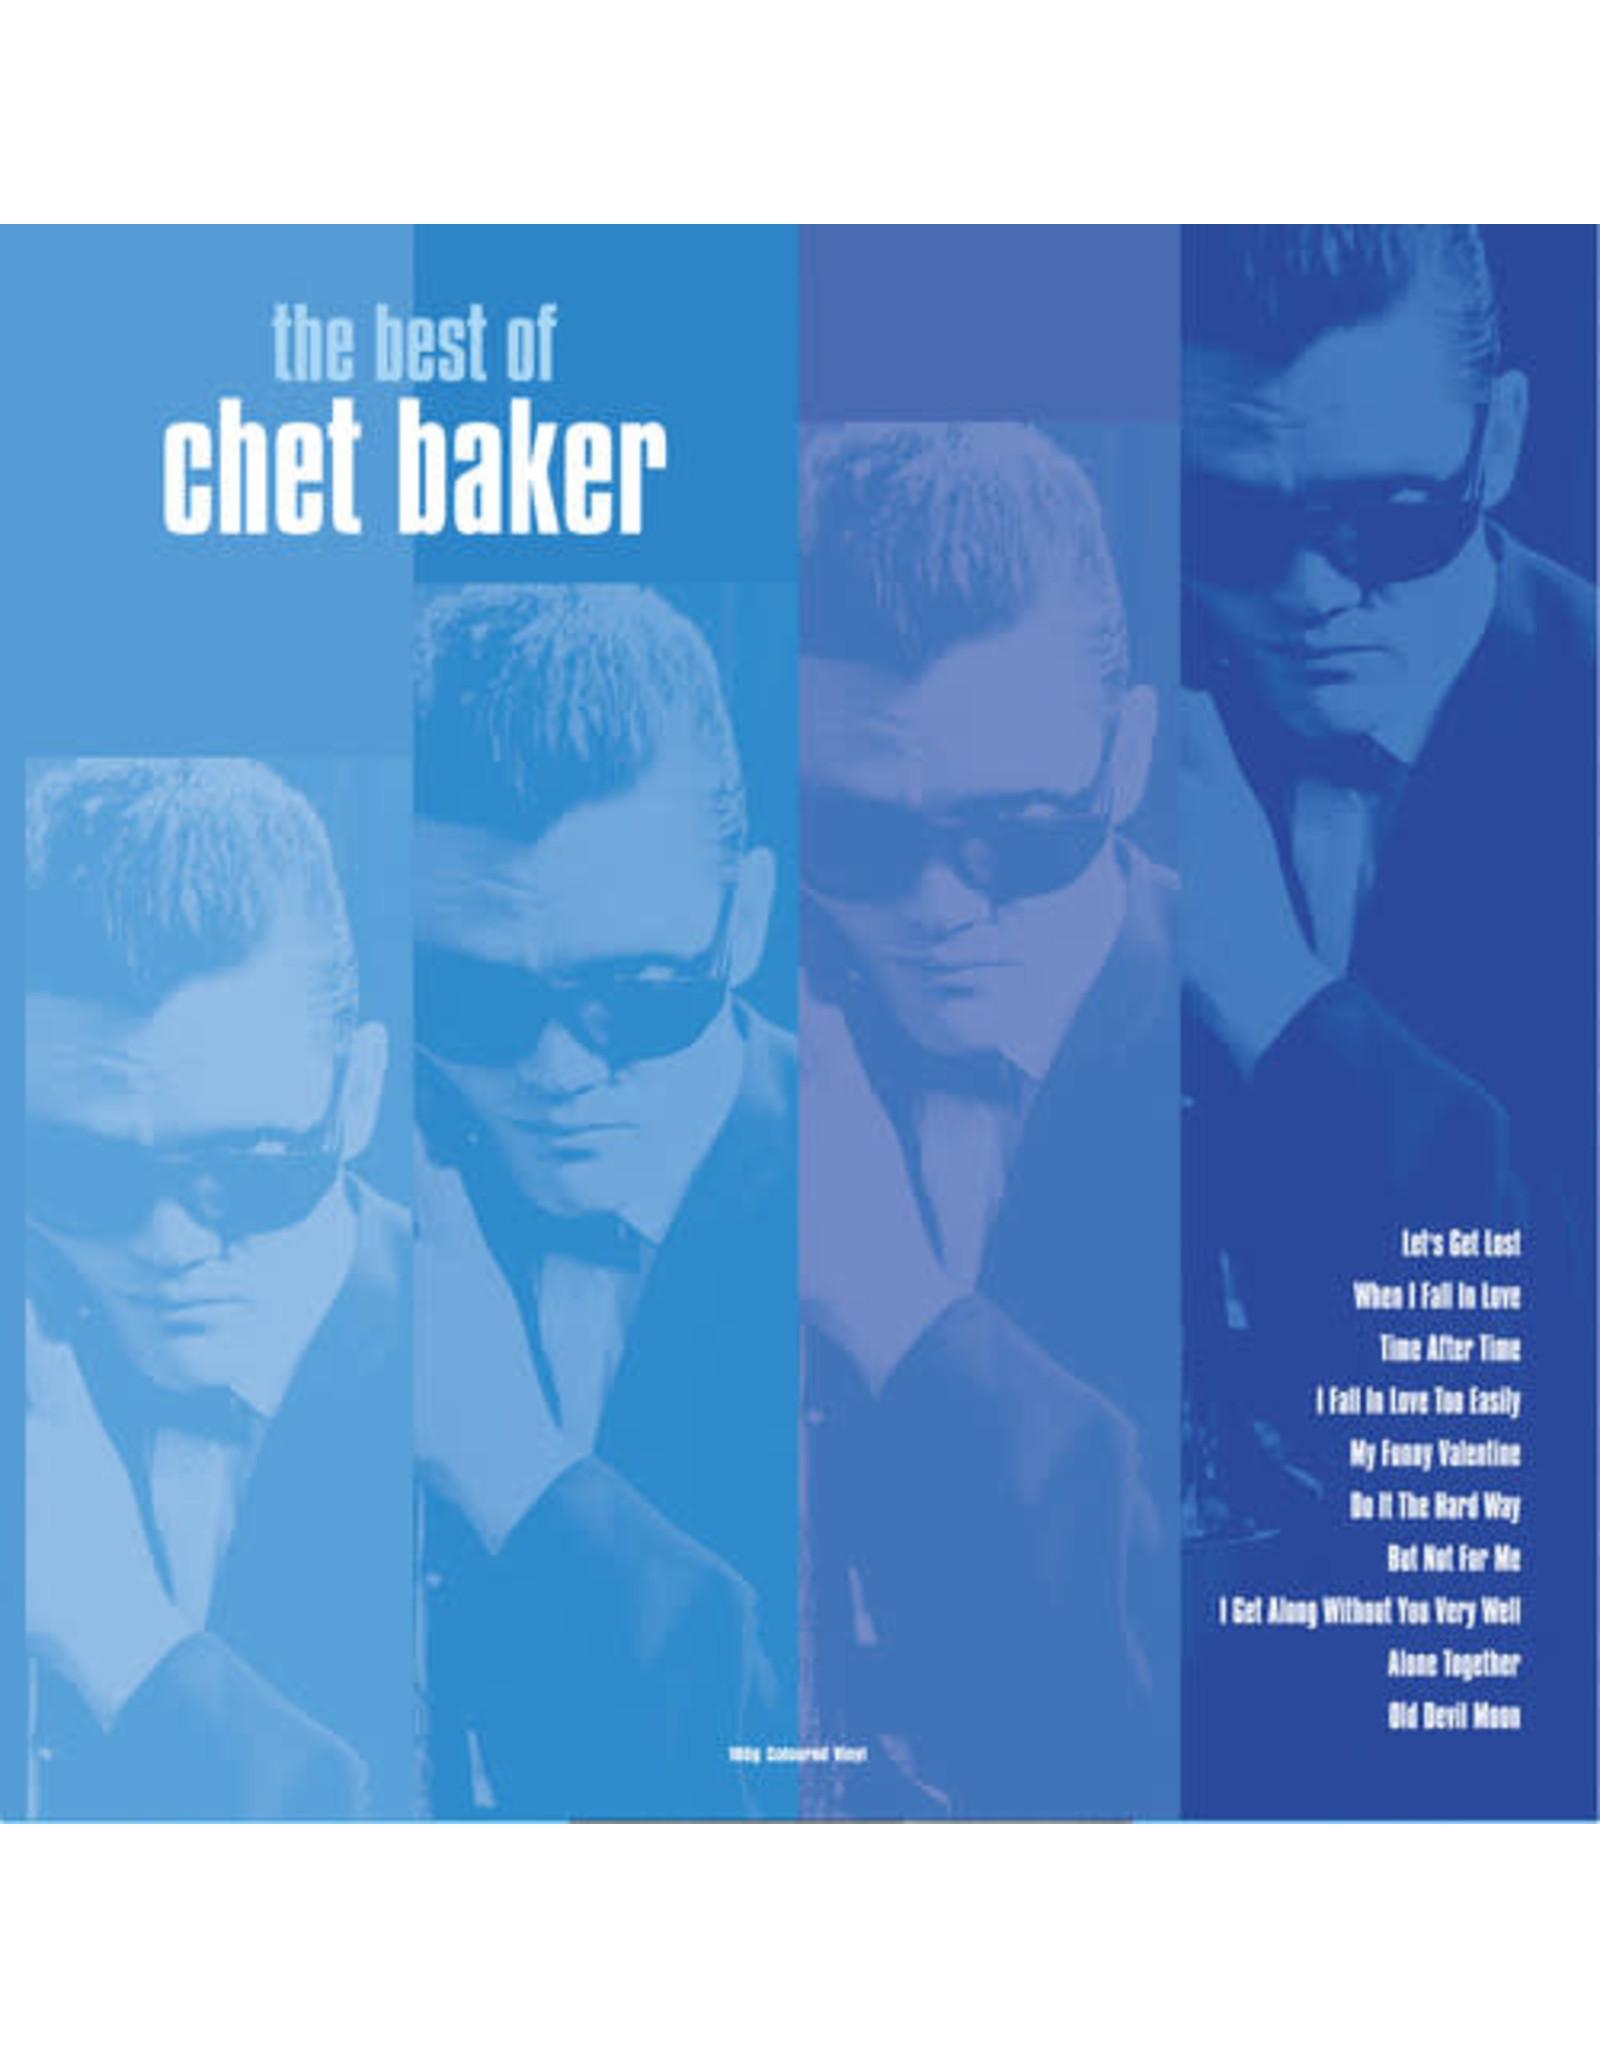 New Vinyl Chet Baker - The Best Of (Colored) LP